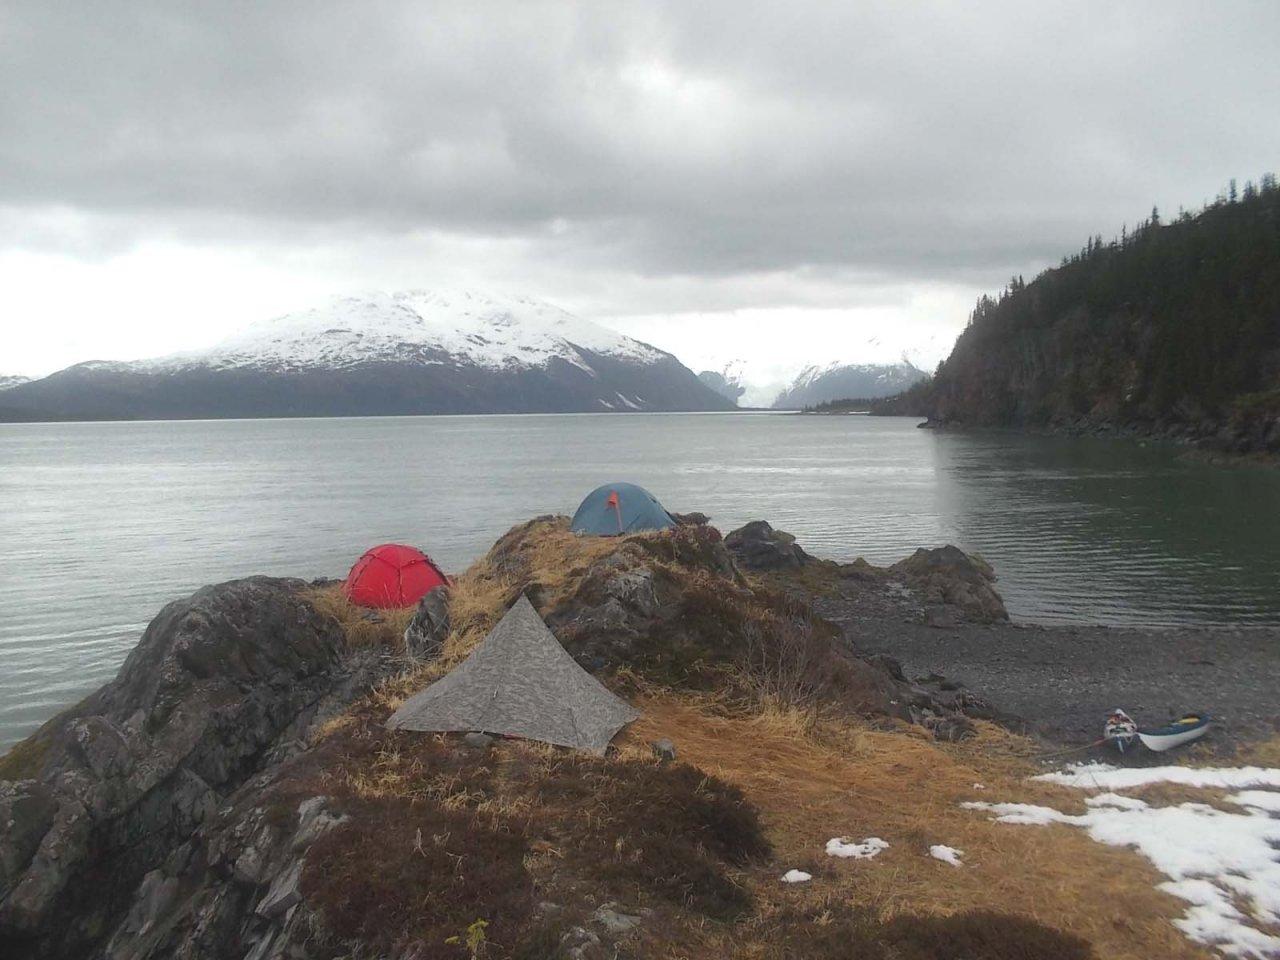 DSCN0351HarrimanCamp and Barry Glacier.JPG